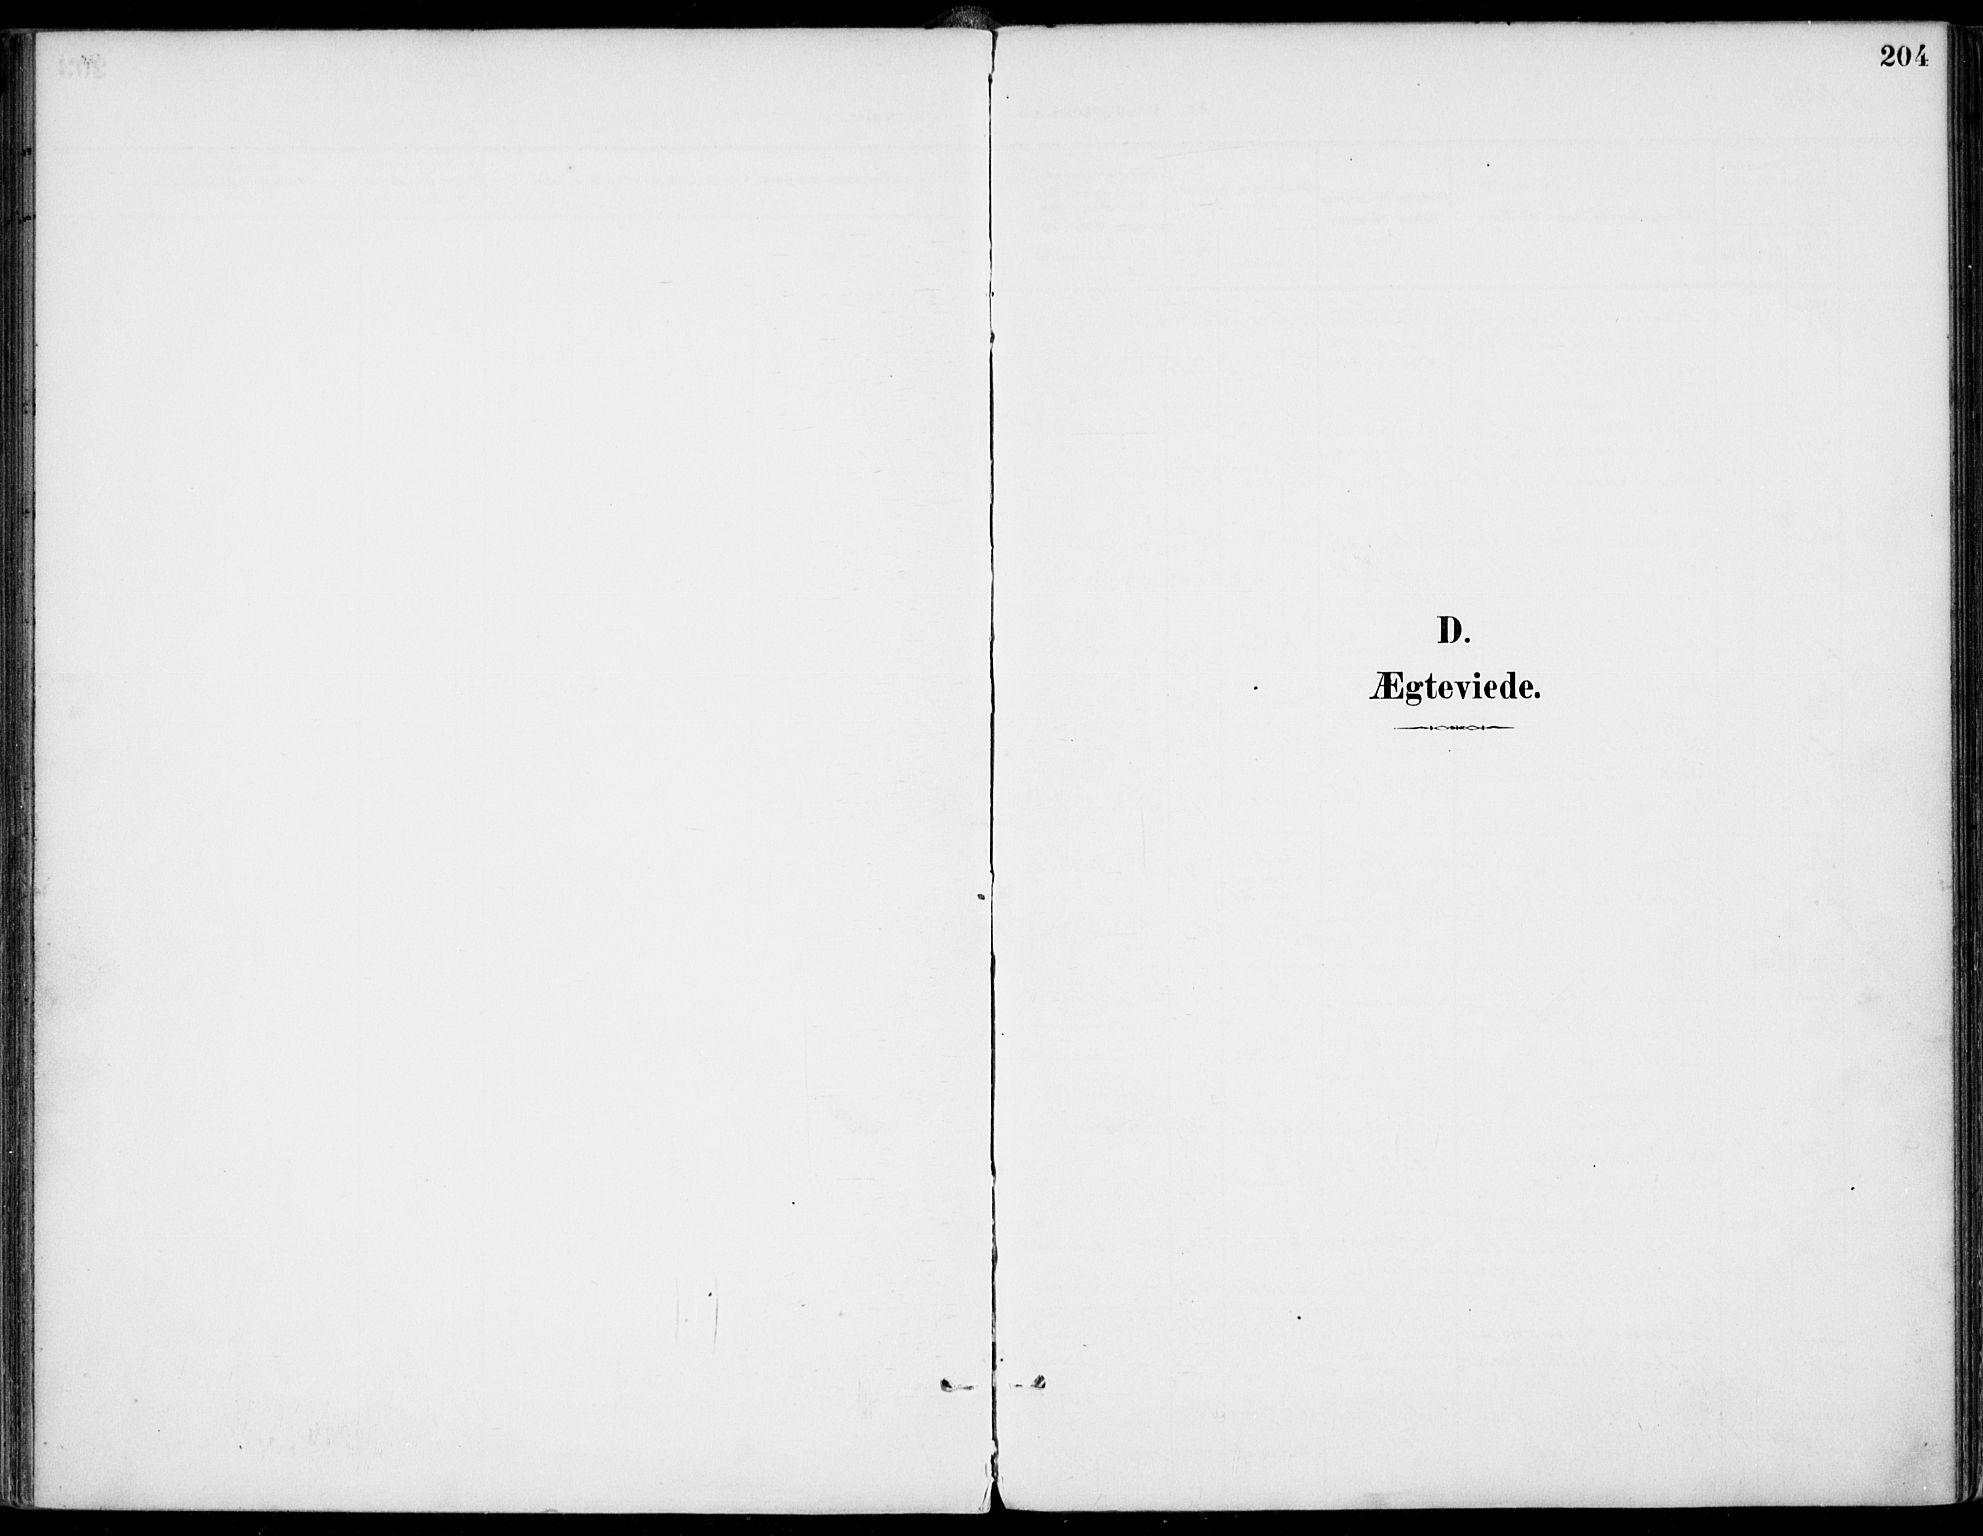 SAKO, Gjerpen kirkebøker, F/Fa/L0011: Ministerialbok nr. 11, 1896-1904, s. 204